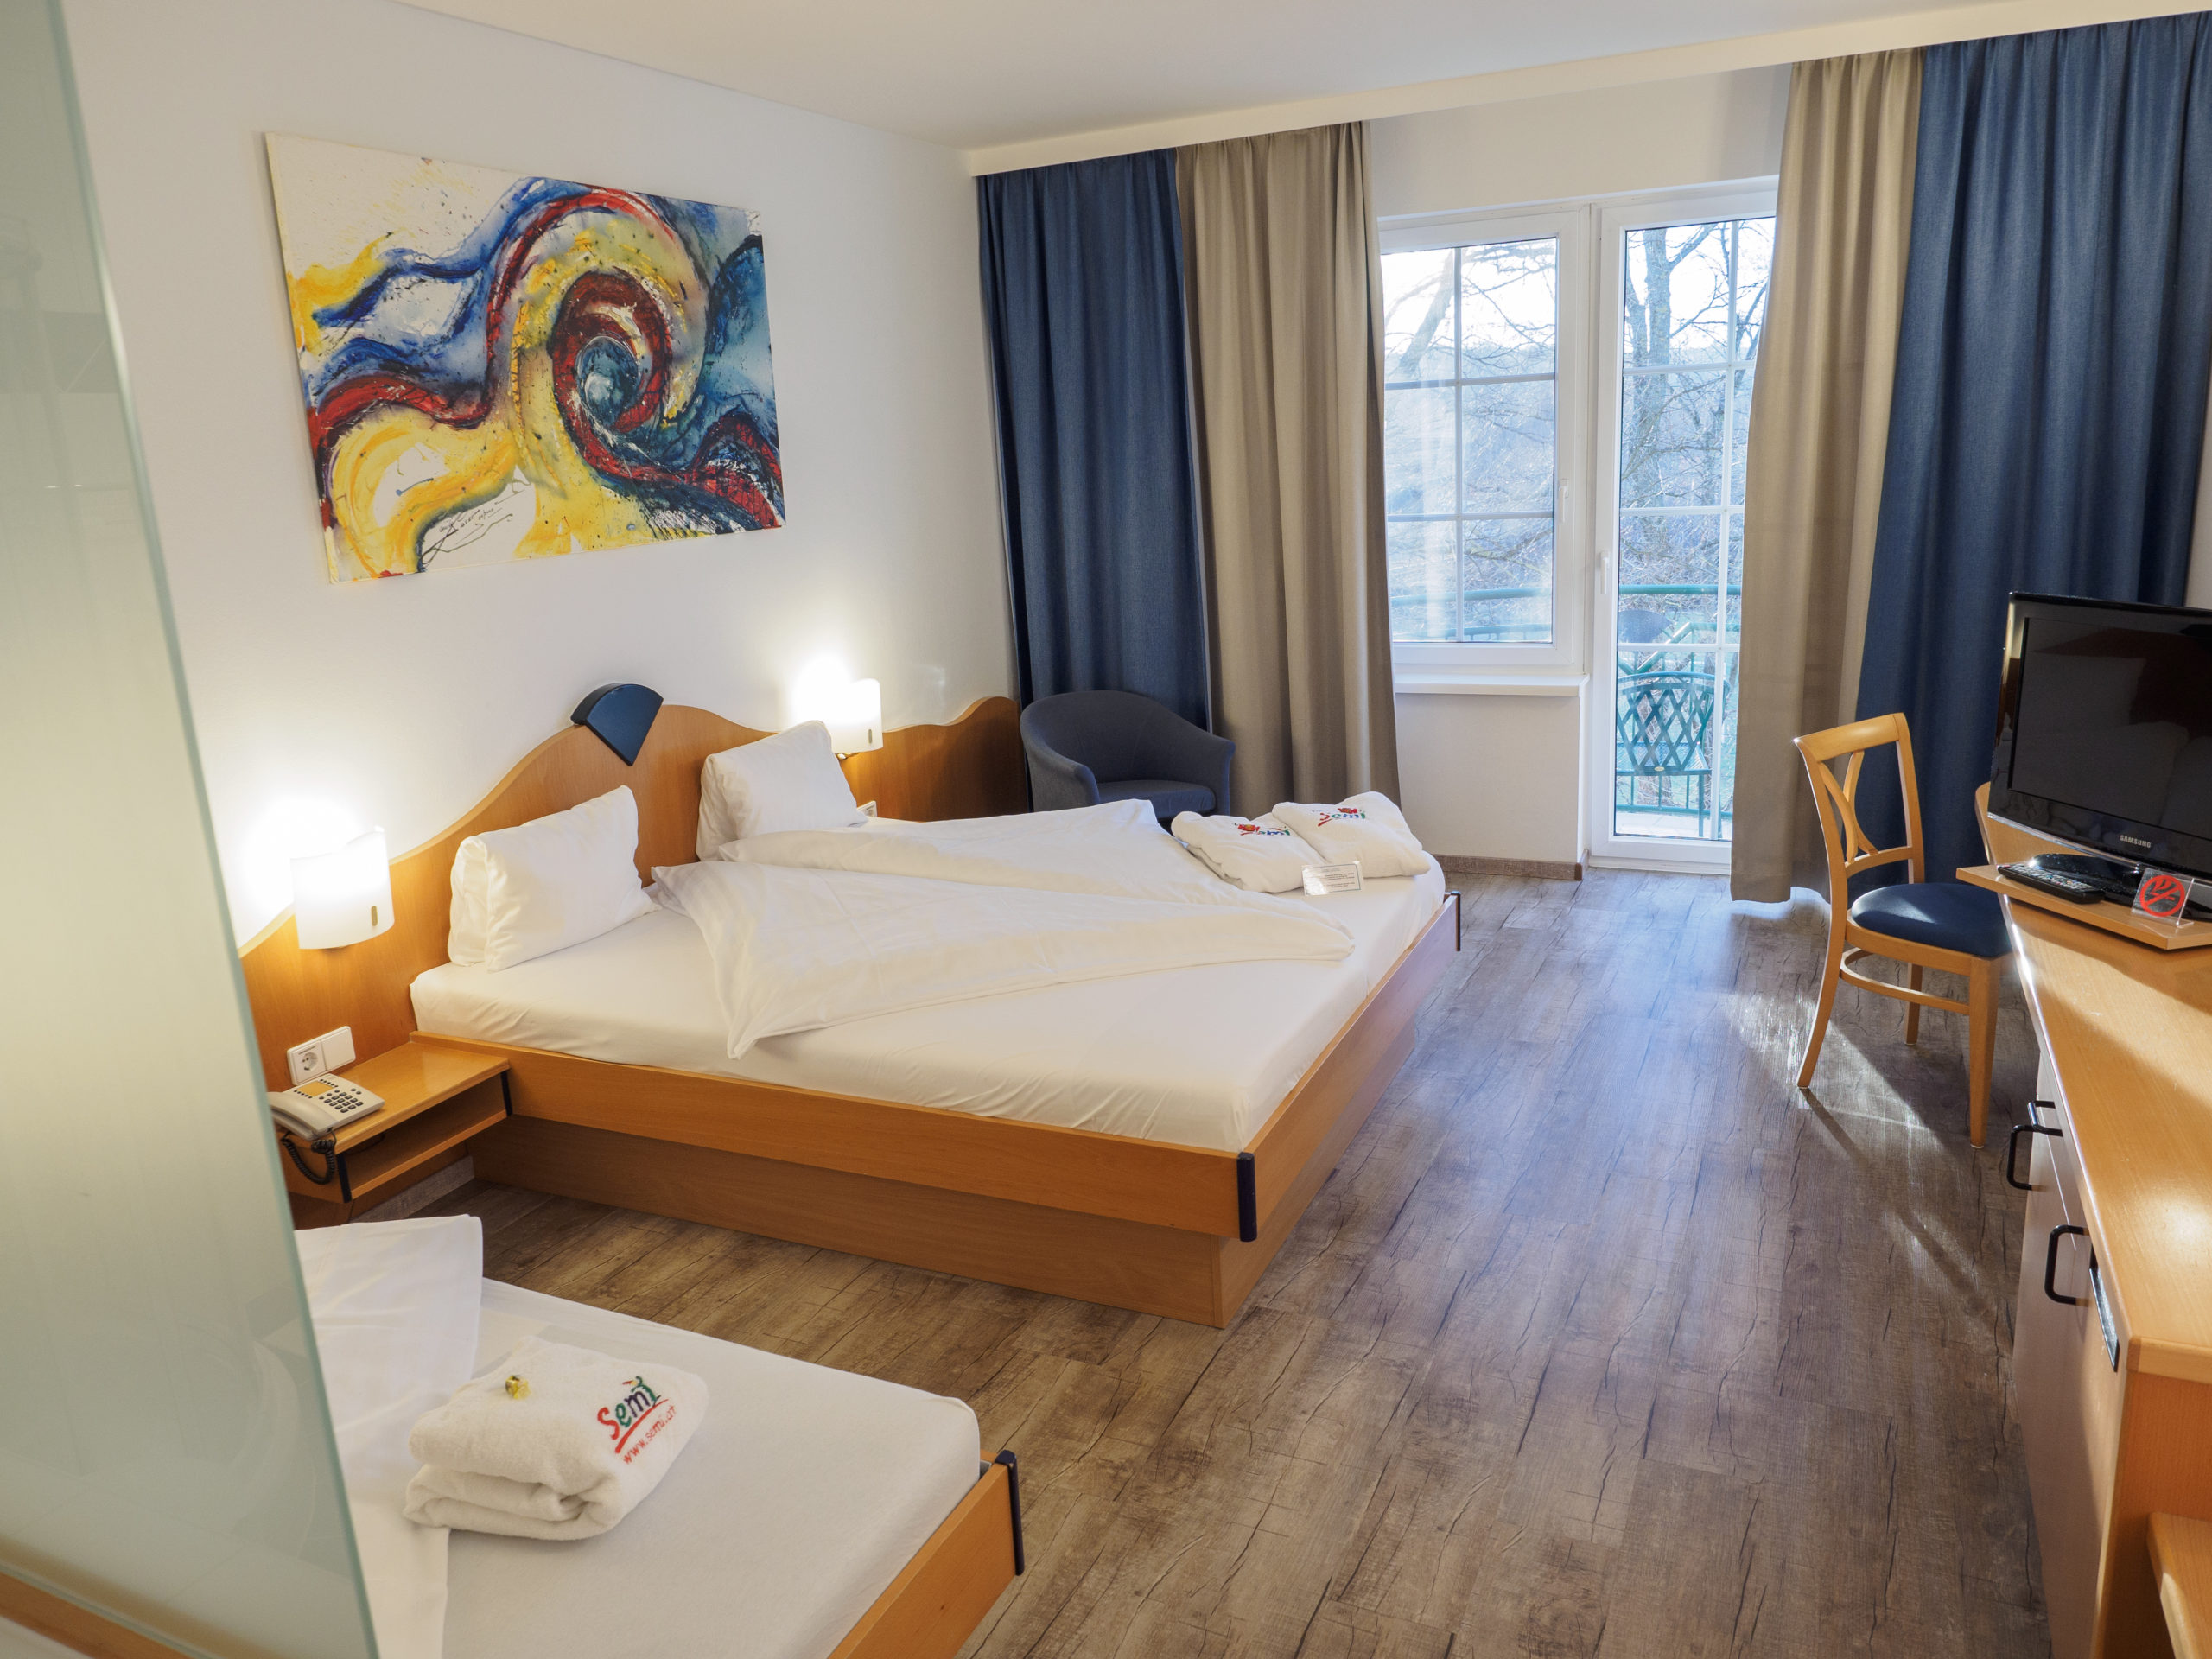 Doppelzimmer inklusive Balkon im Hotel Xylophon in Lutzmannsburg